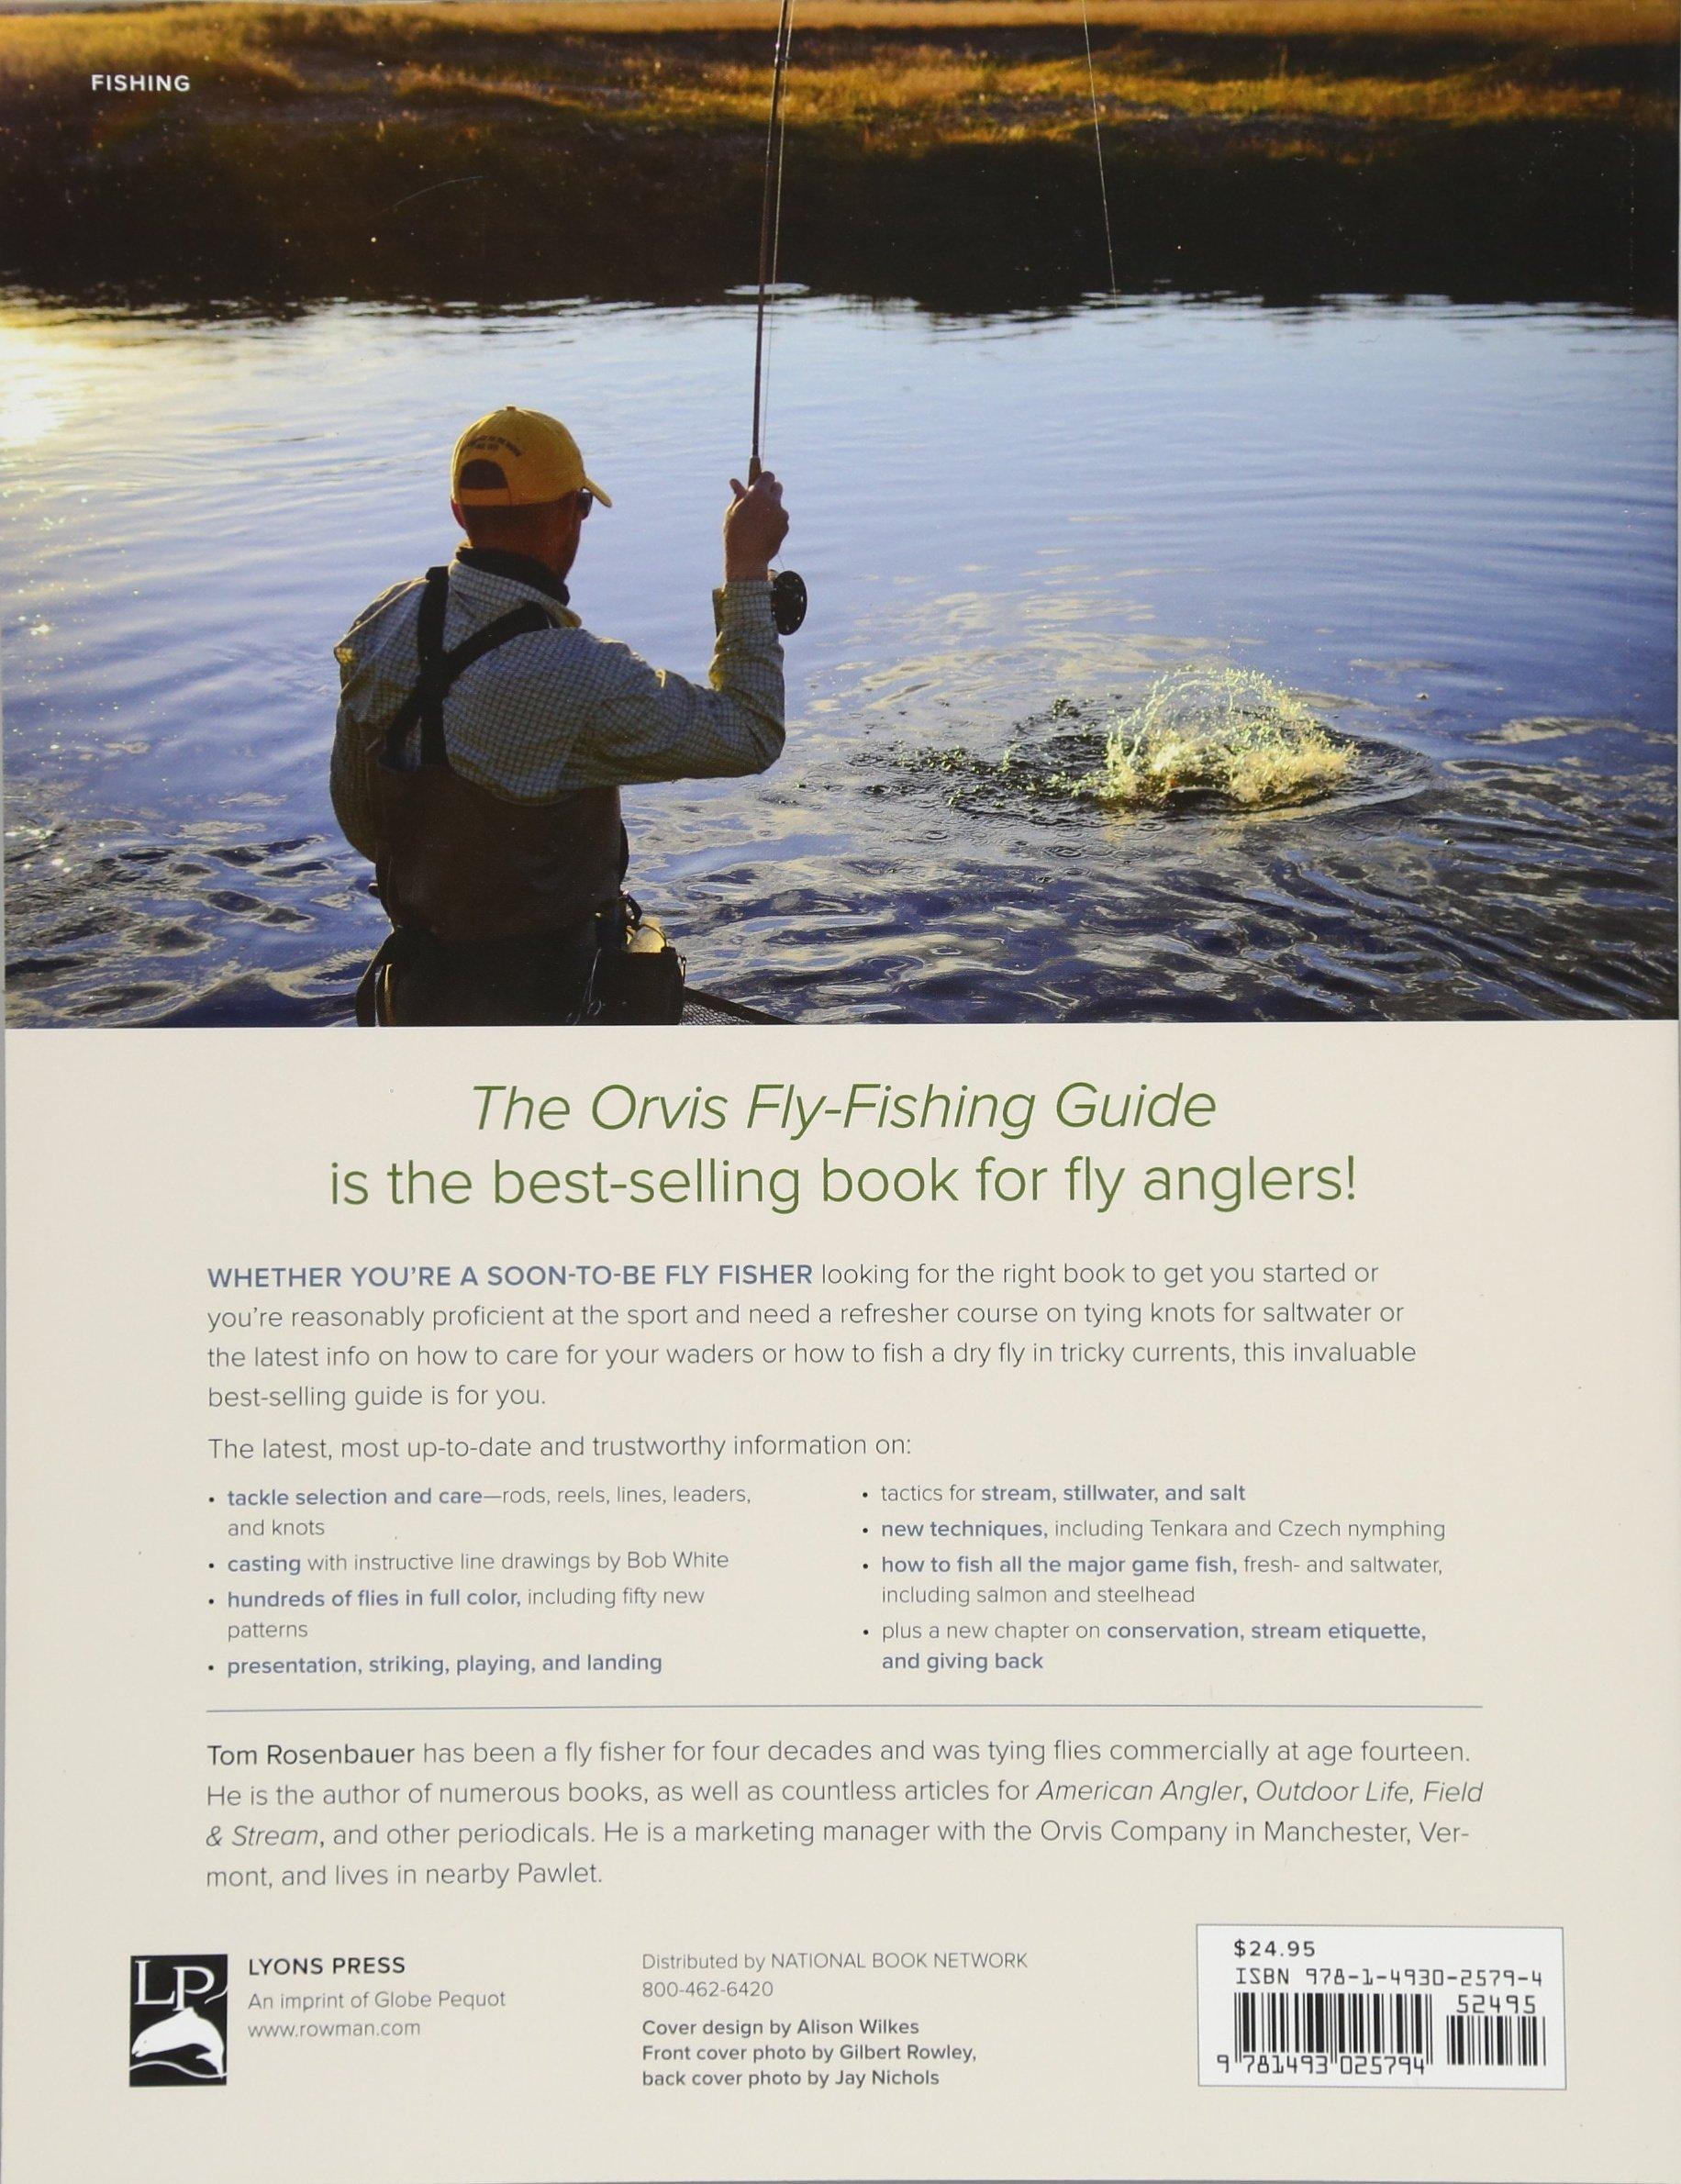 The Orvis Fly-Fishing Guide, Revised: Tom Rosenbauer: 9781493025794:  Amazon.com: Books